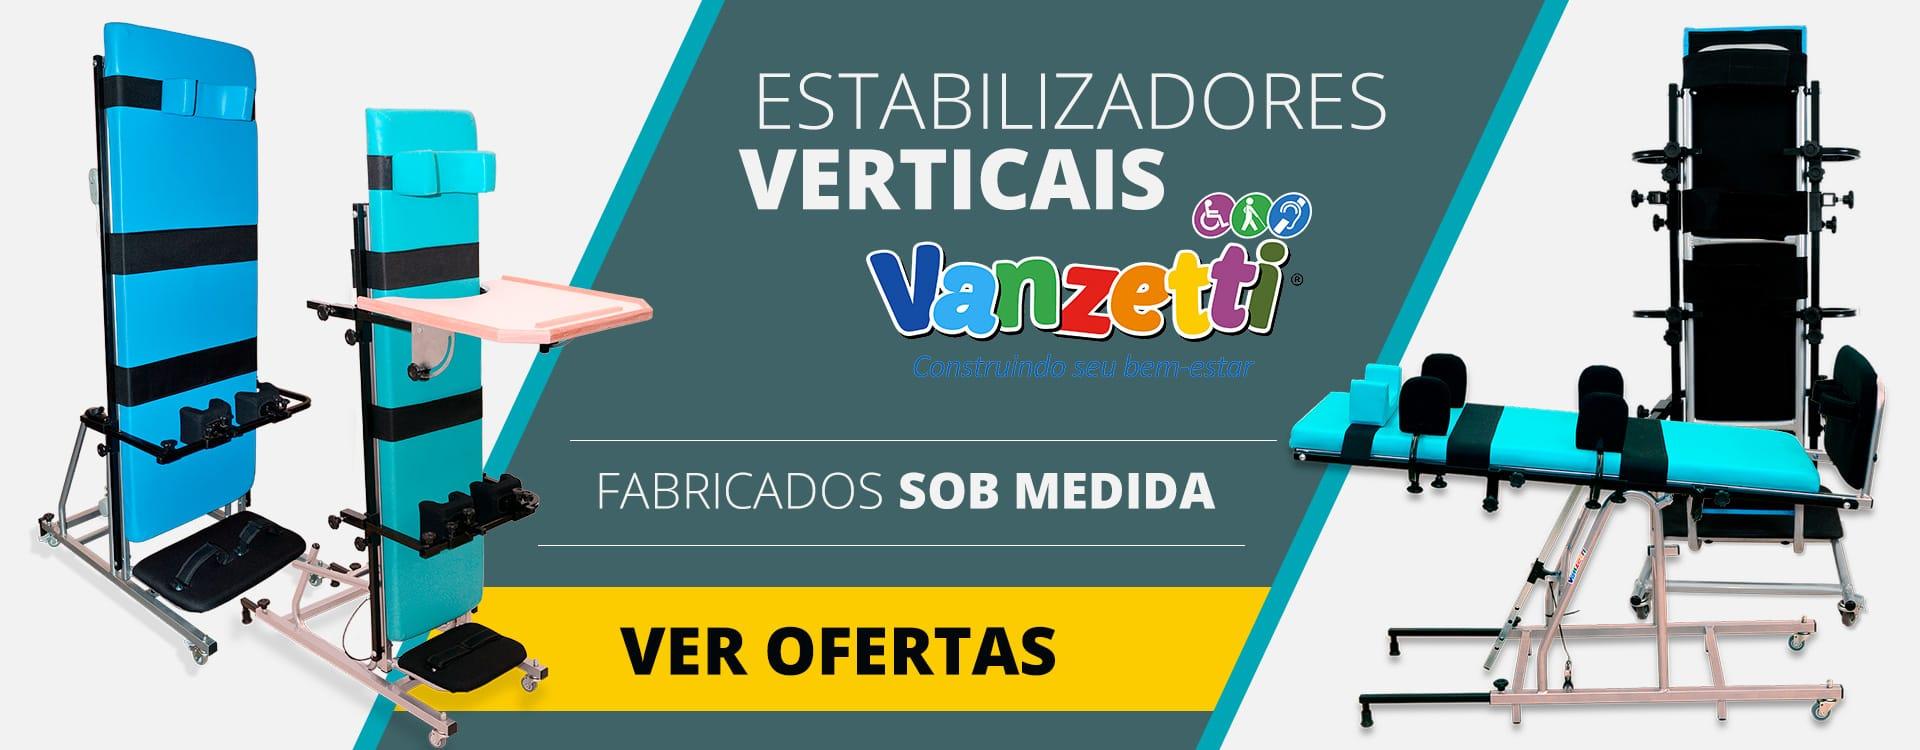 Estabilizadores_Verticais